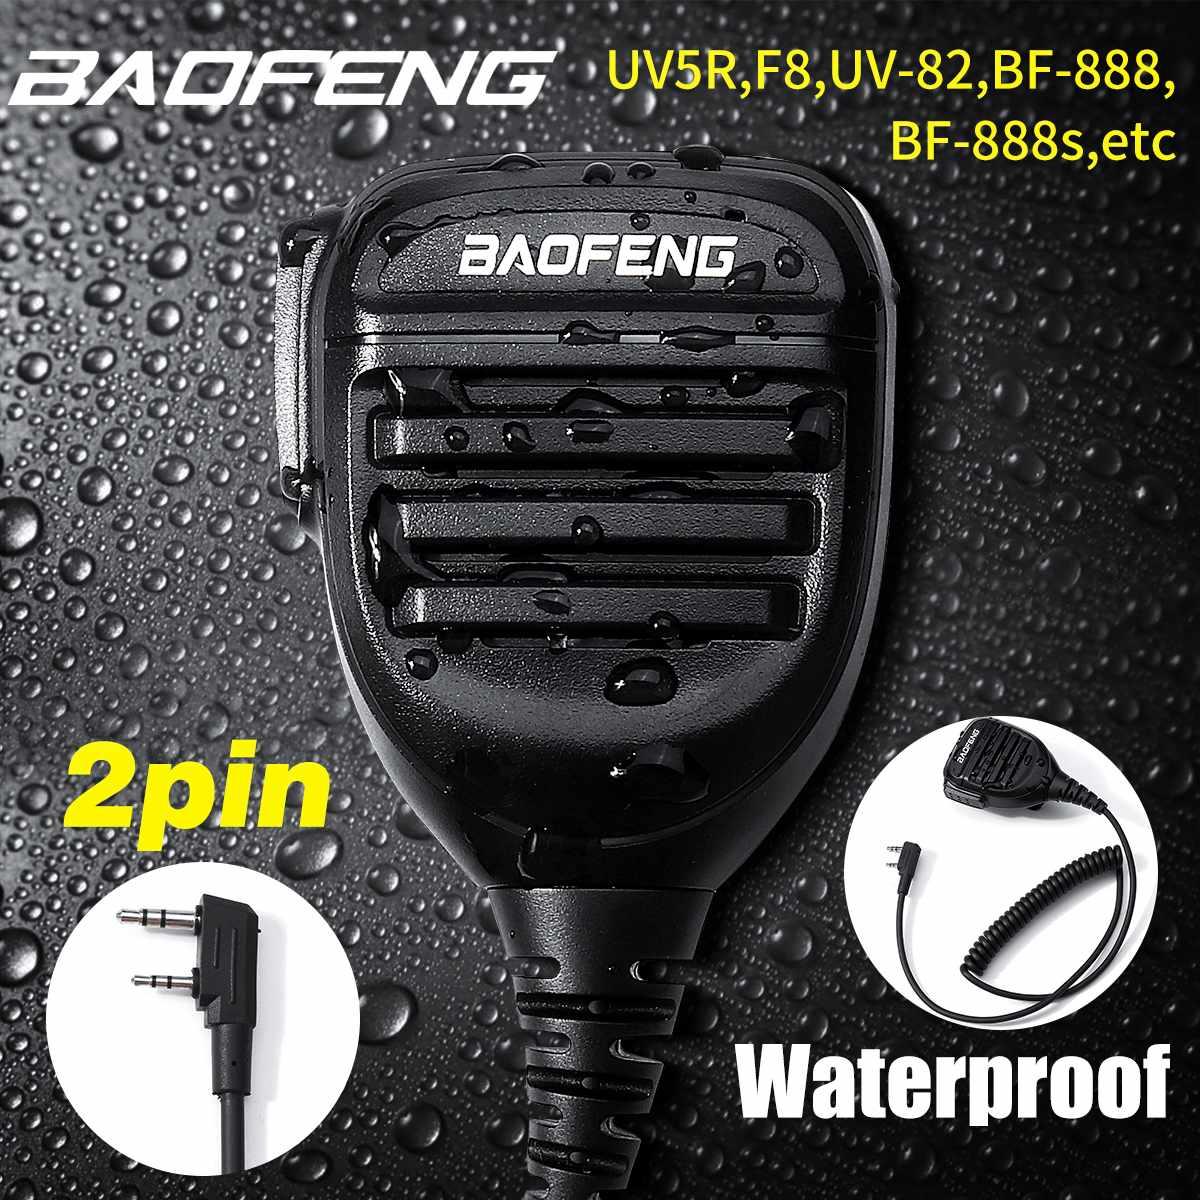 New 2020 BaoFeng 2 Pin Waterproof Handheld Microphone Speaker Mic For Baofeng Walkie Talkie UV5R,UV-82,DM-5R Plus,BF-888s Radio